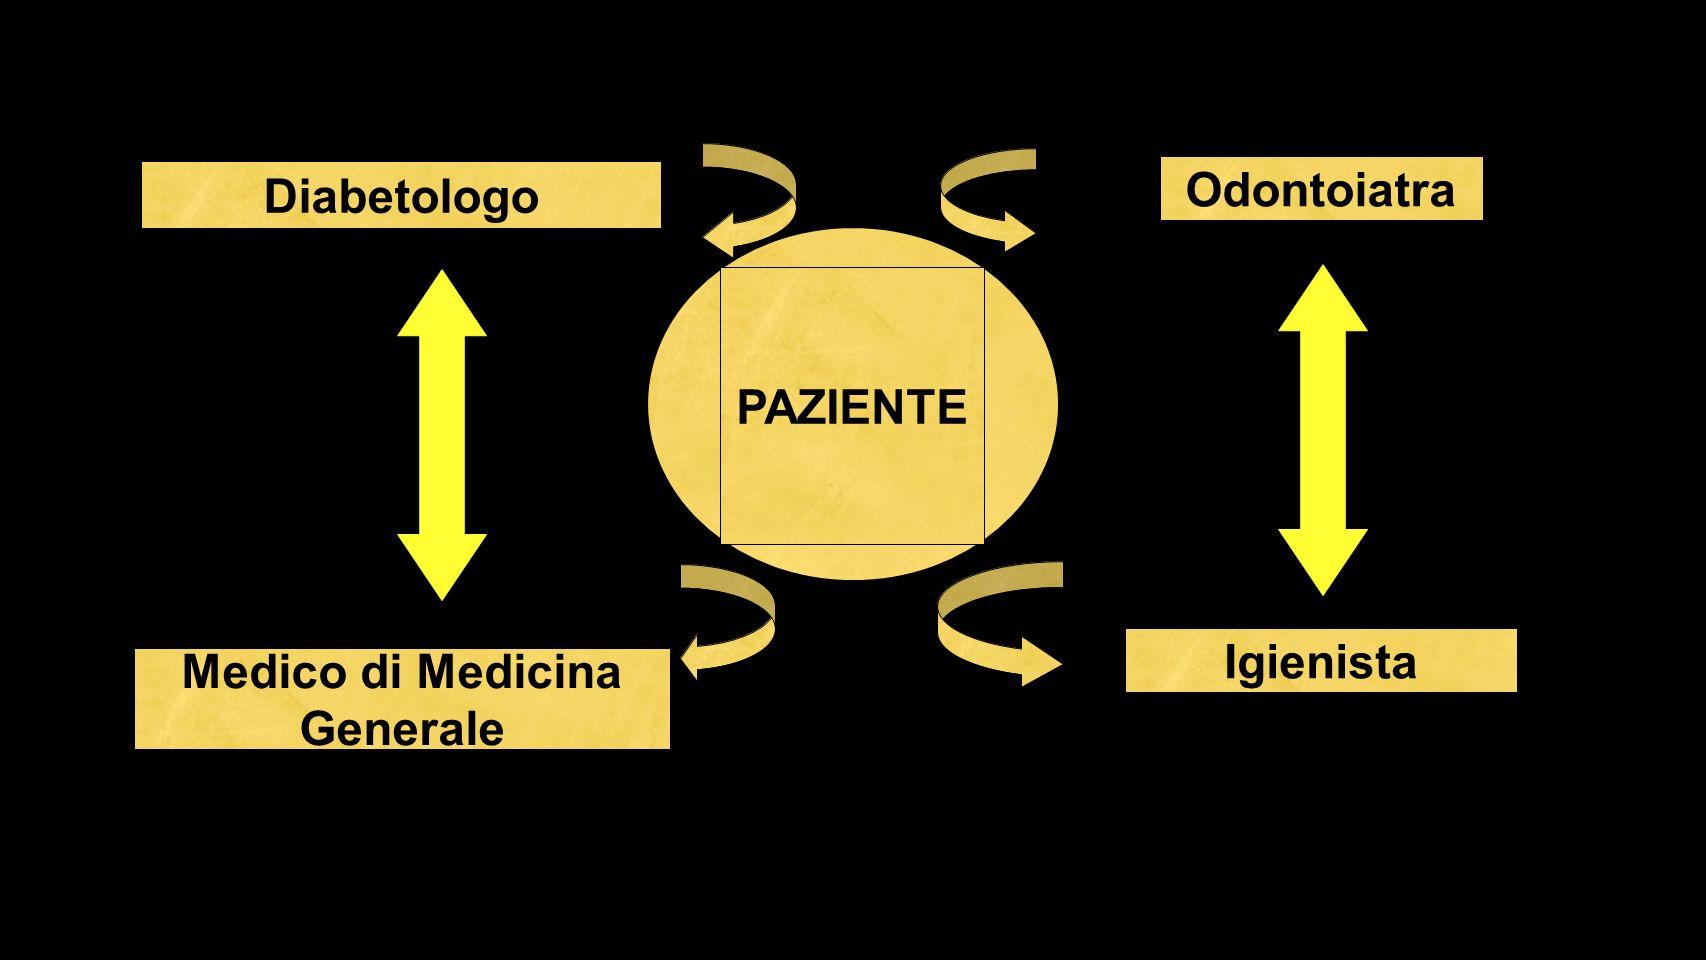 Diabetologo Odontoiatra PAZIENTE Medico di Medicina Generale Igienista